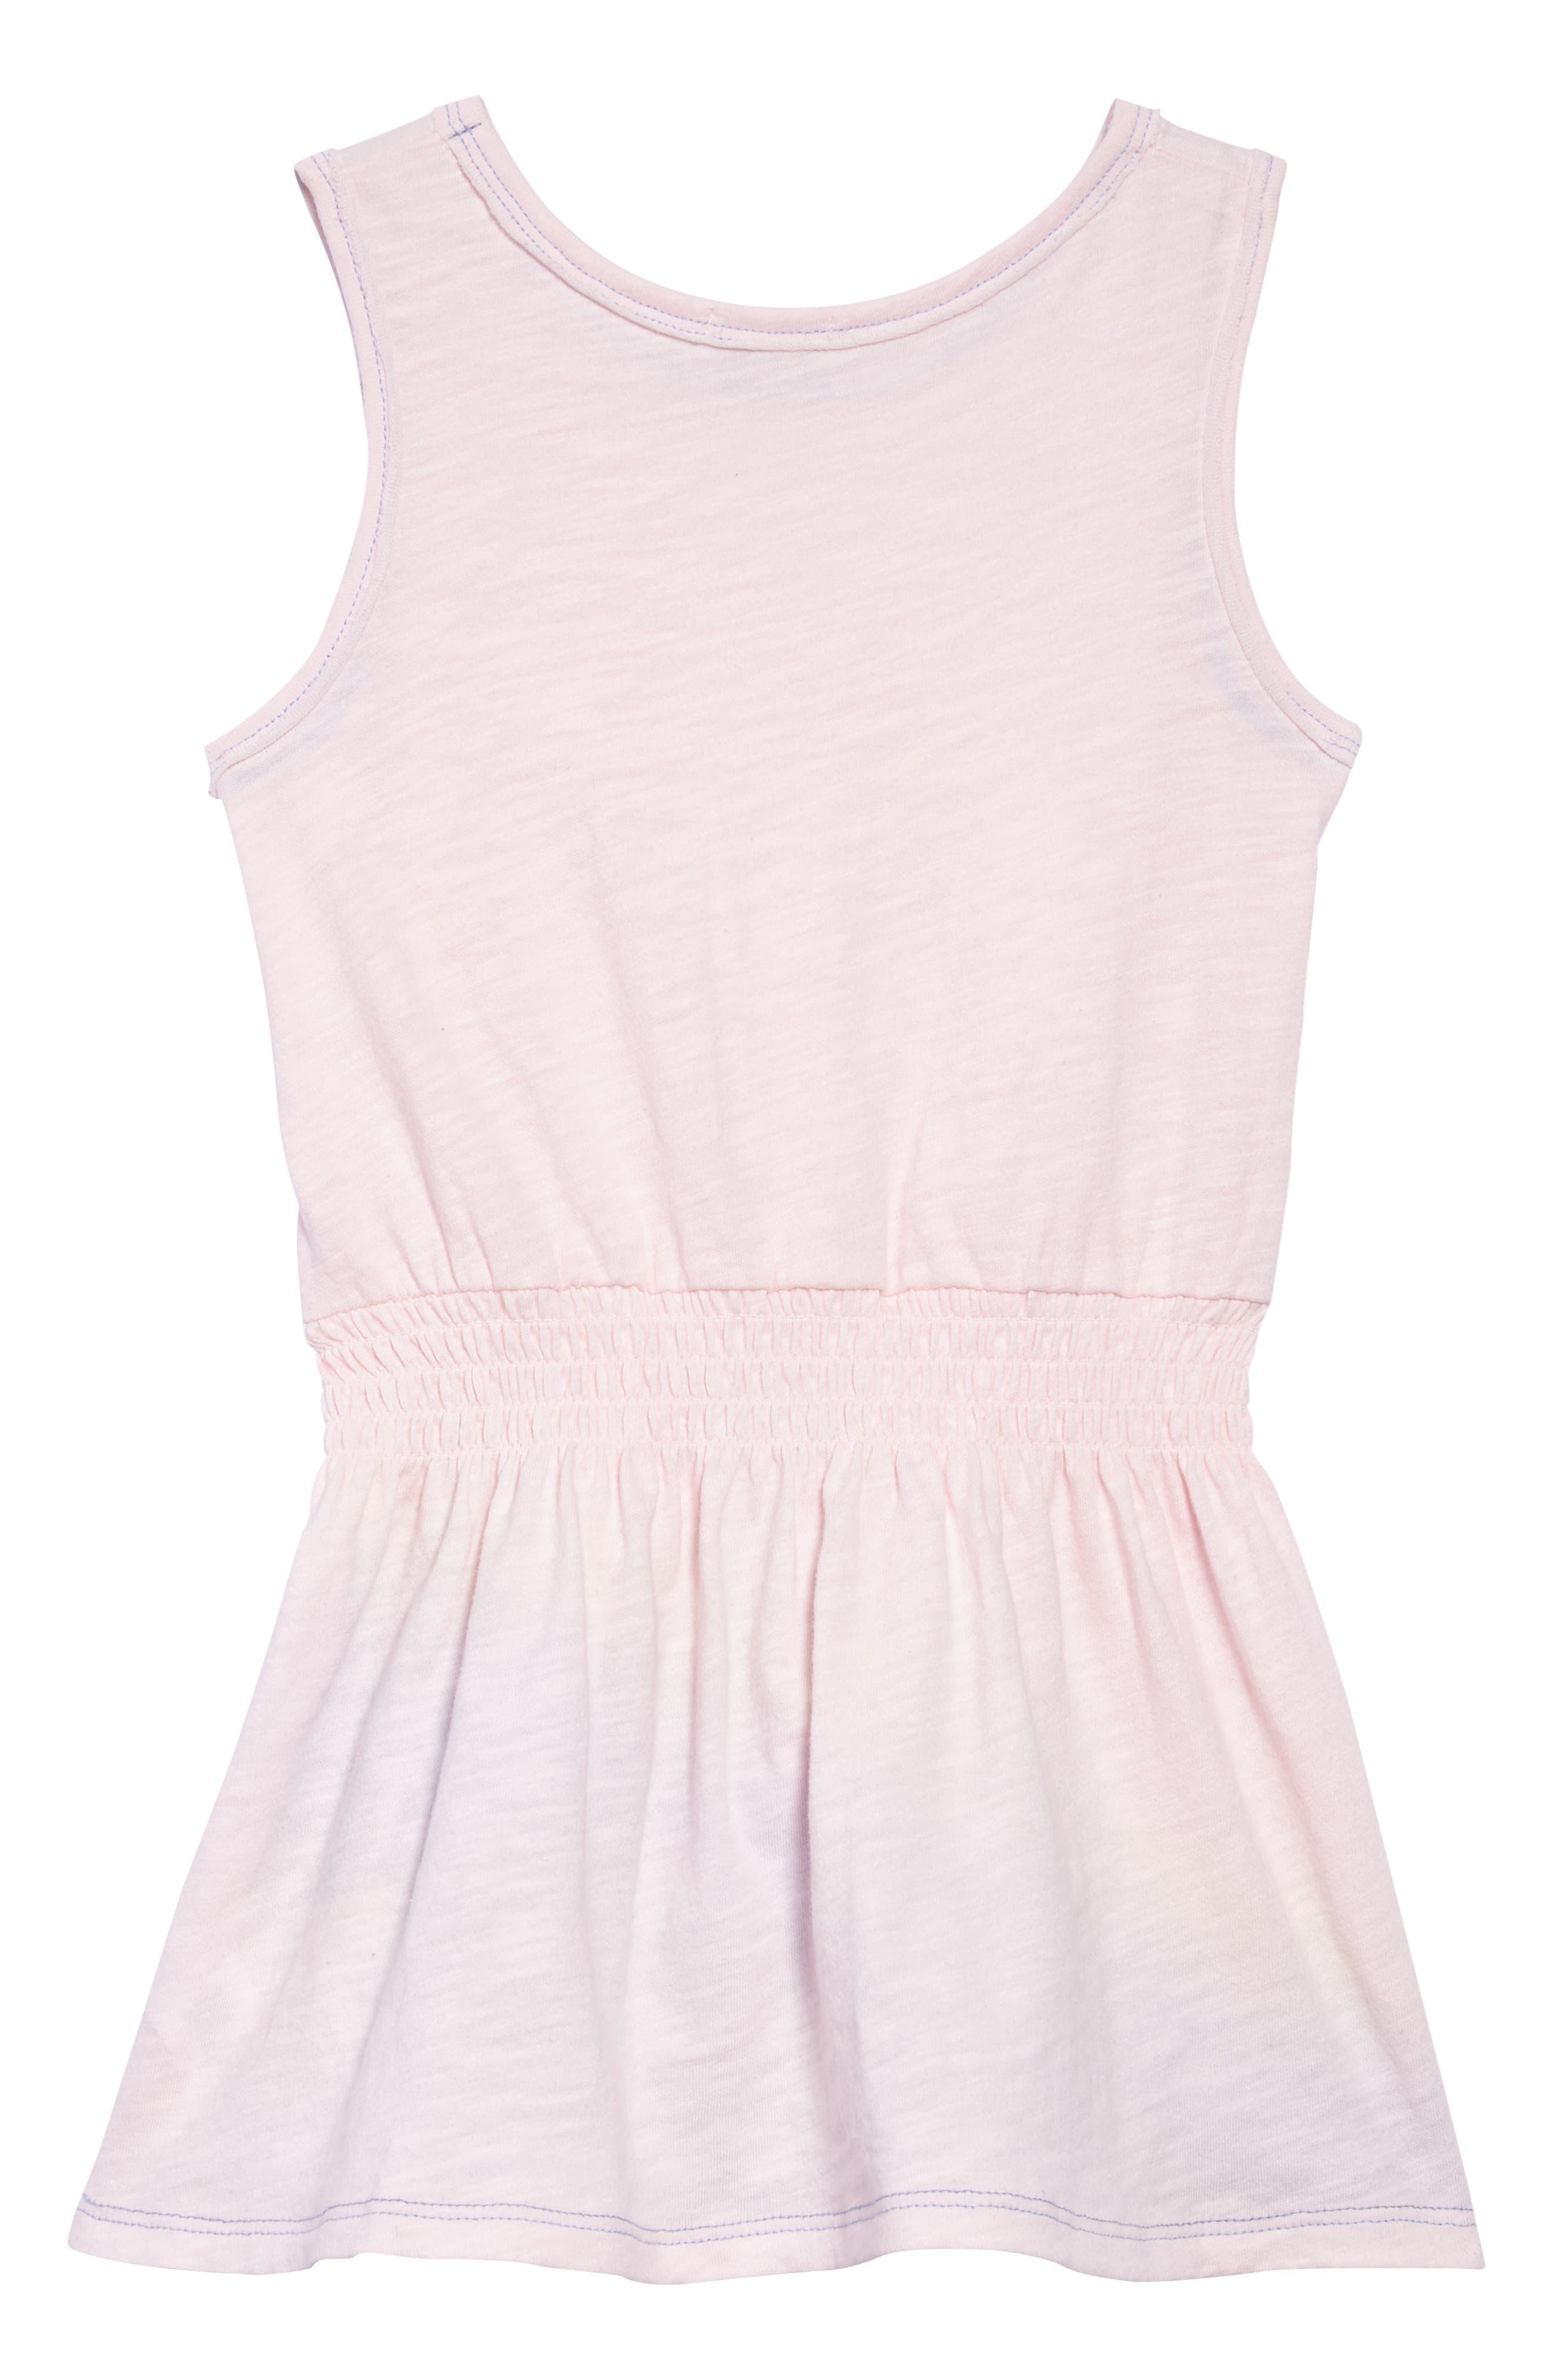 Alternate Image 2  - Splendid Rainbow Stripe Tank Dress (Toddler Girls, Little Girls & Big Girls)